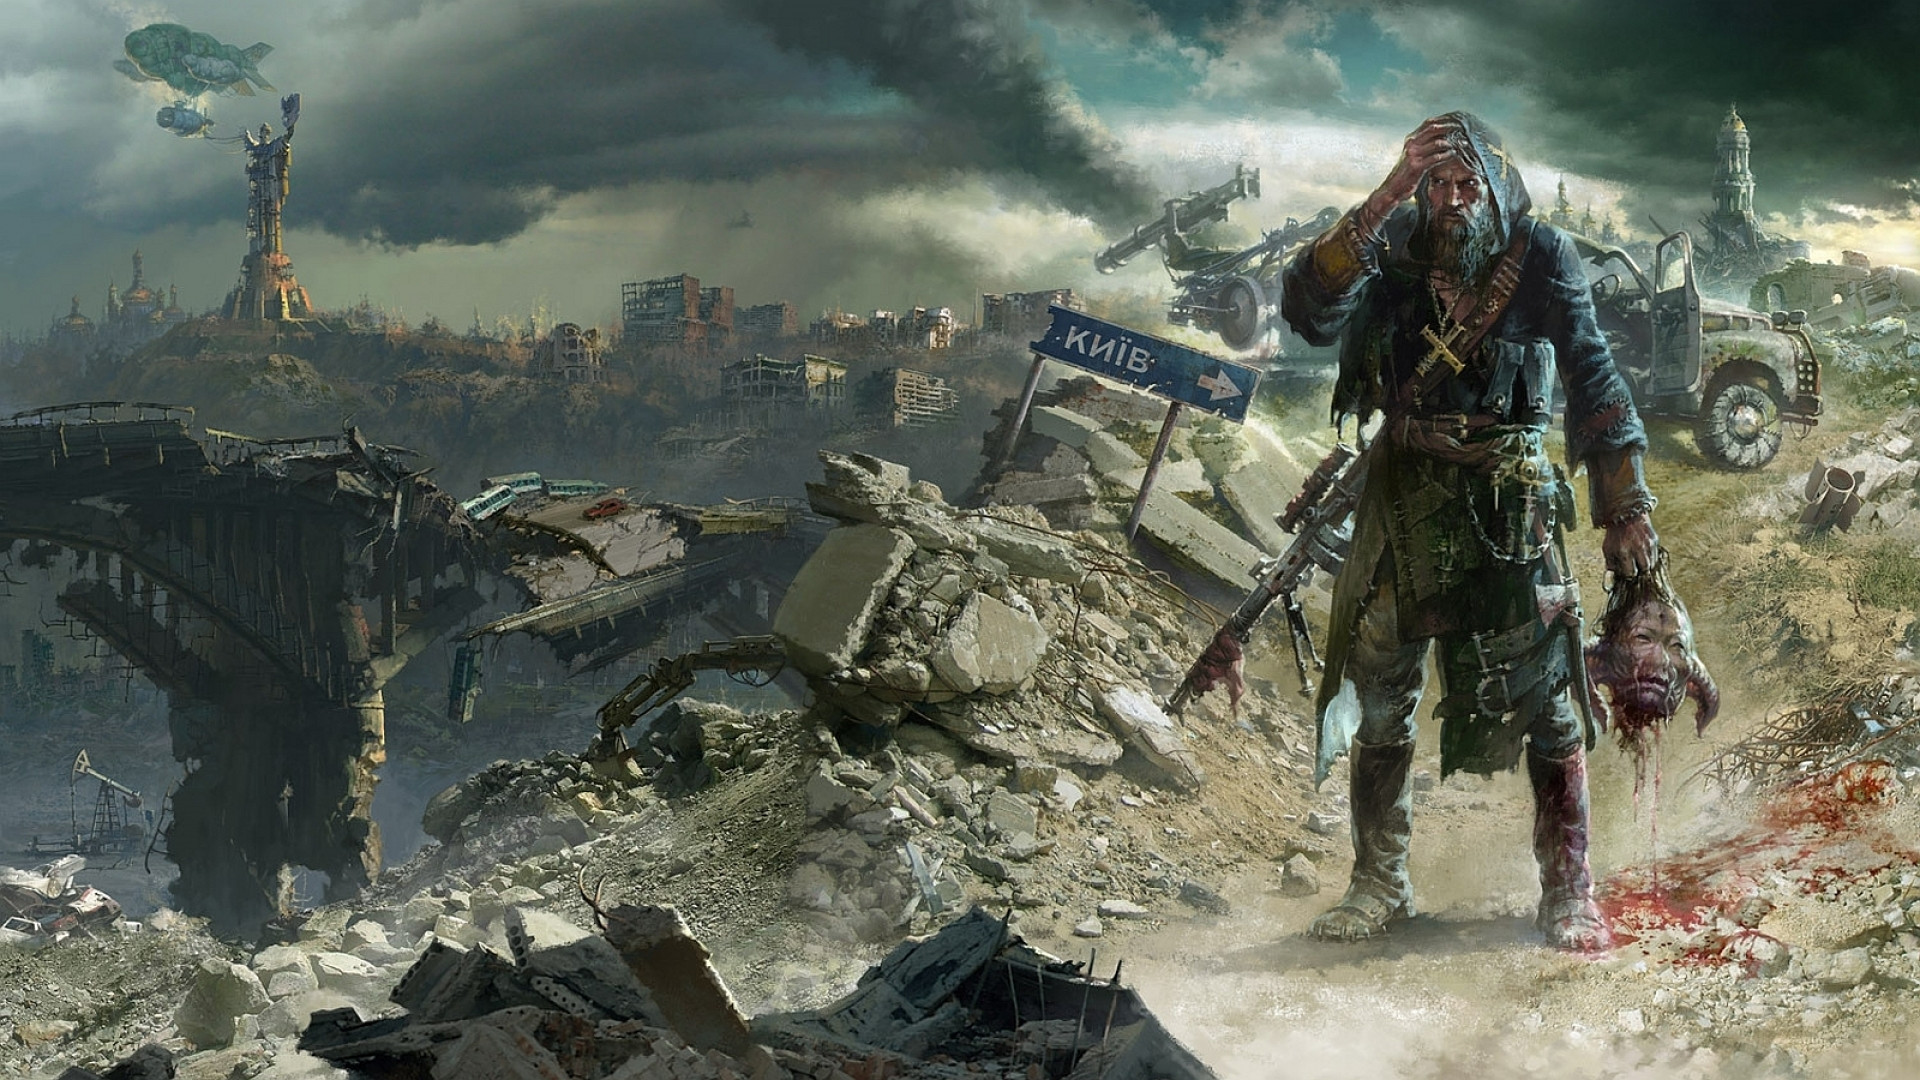 10 отличных фильмов, которые демонстрируют особенности постапокалиптической жизни